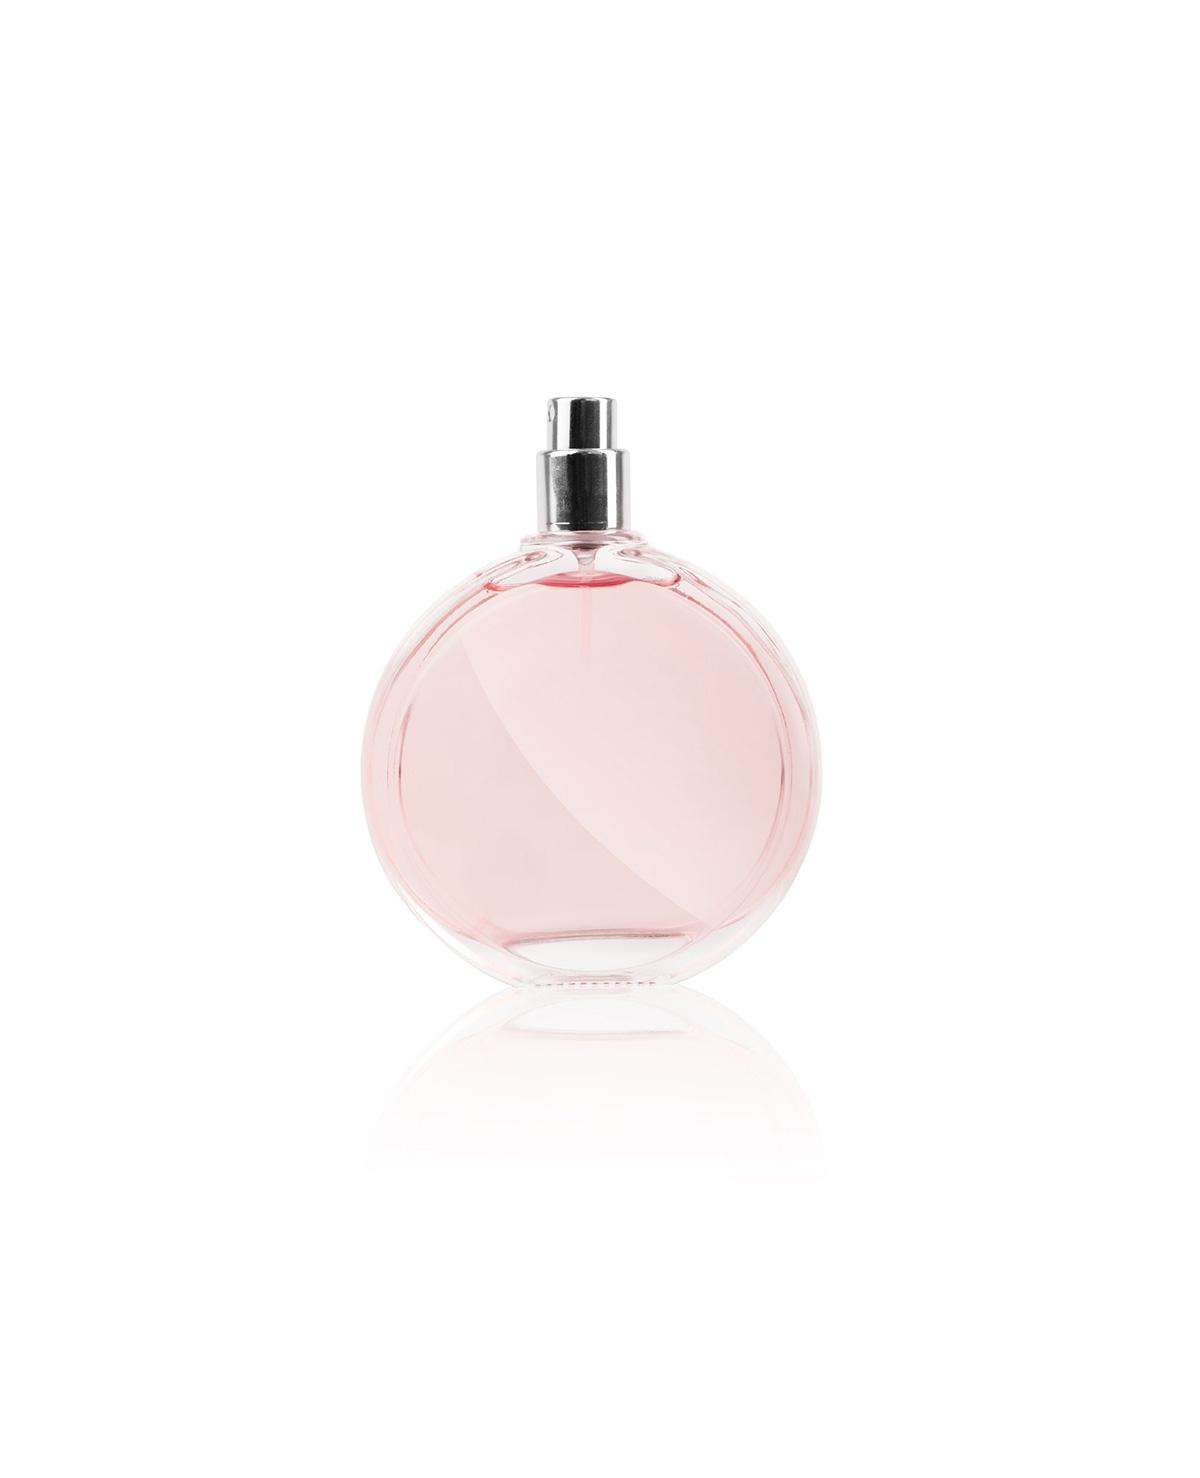 Parfum in de zon? Dit moet je weten!